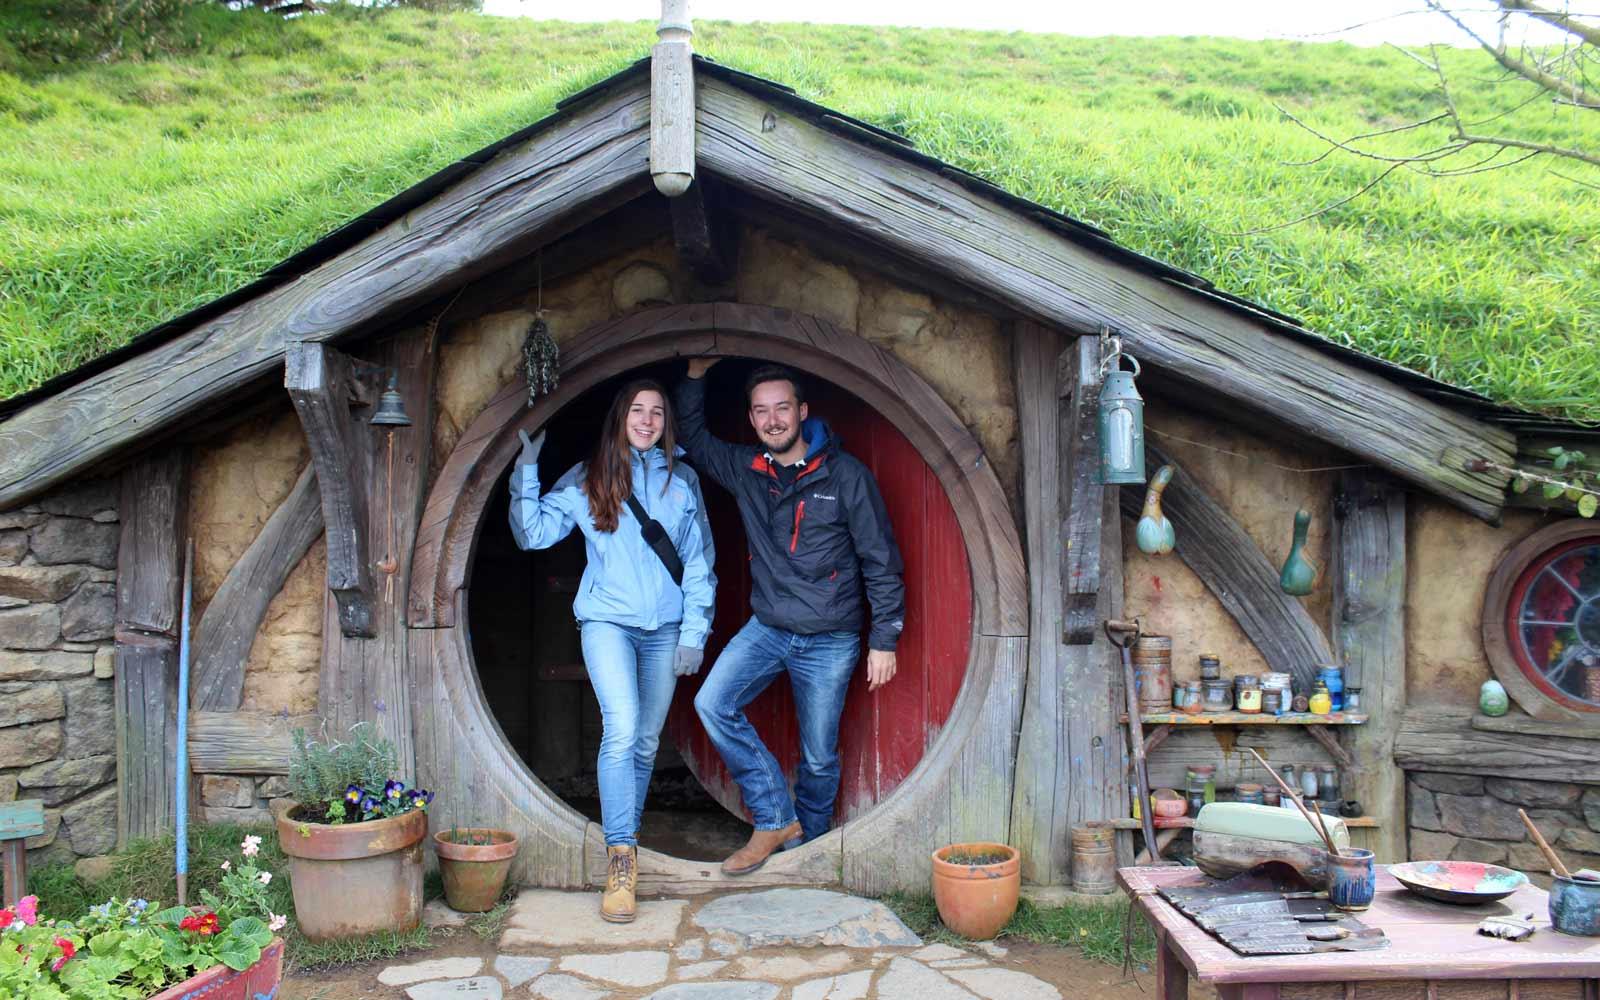 Constantin und jasmina im Hobbit Haus in Hobbiton